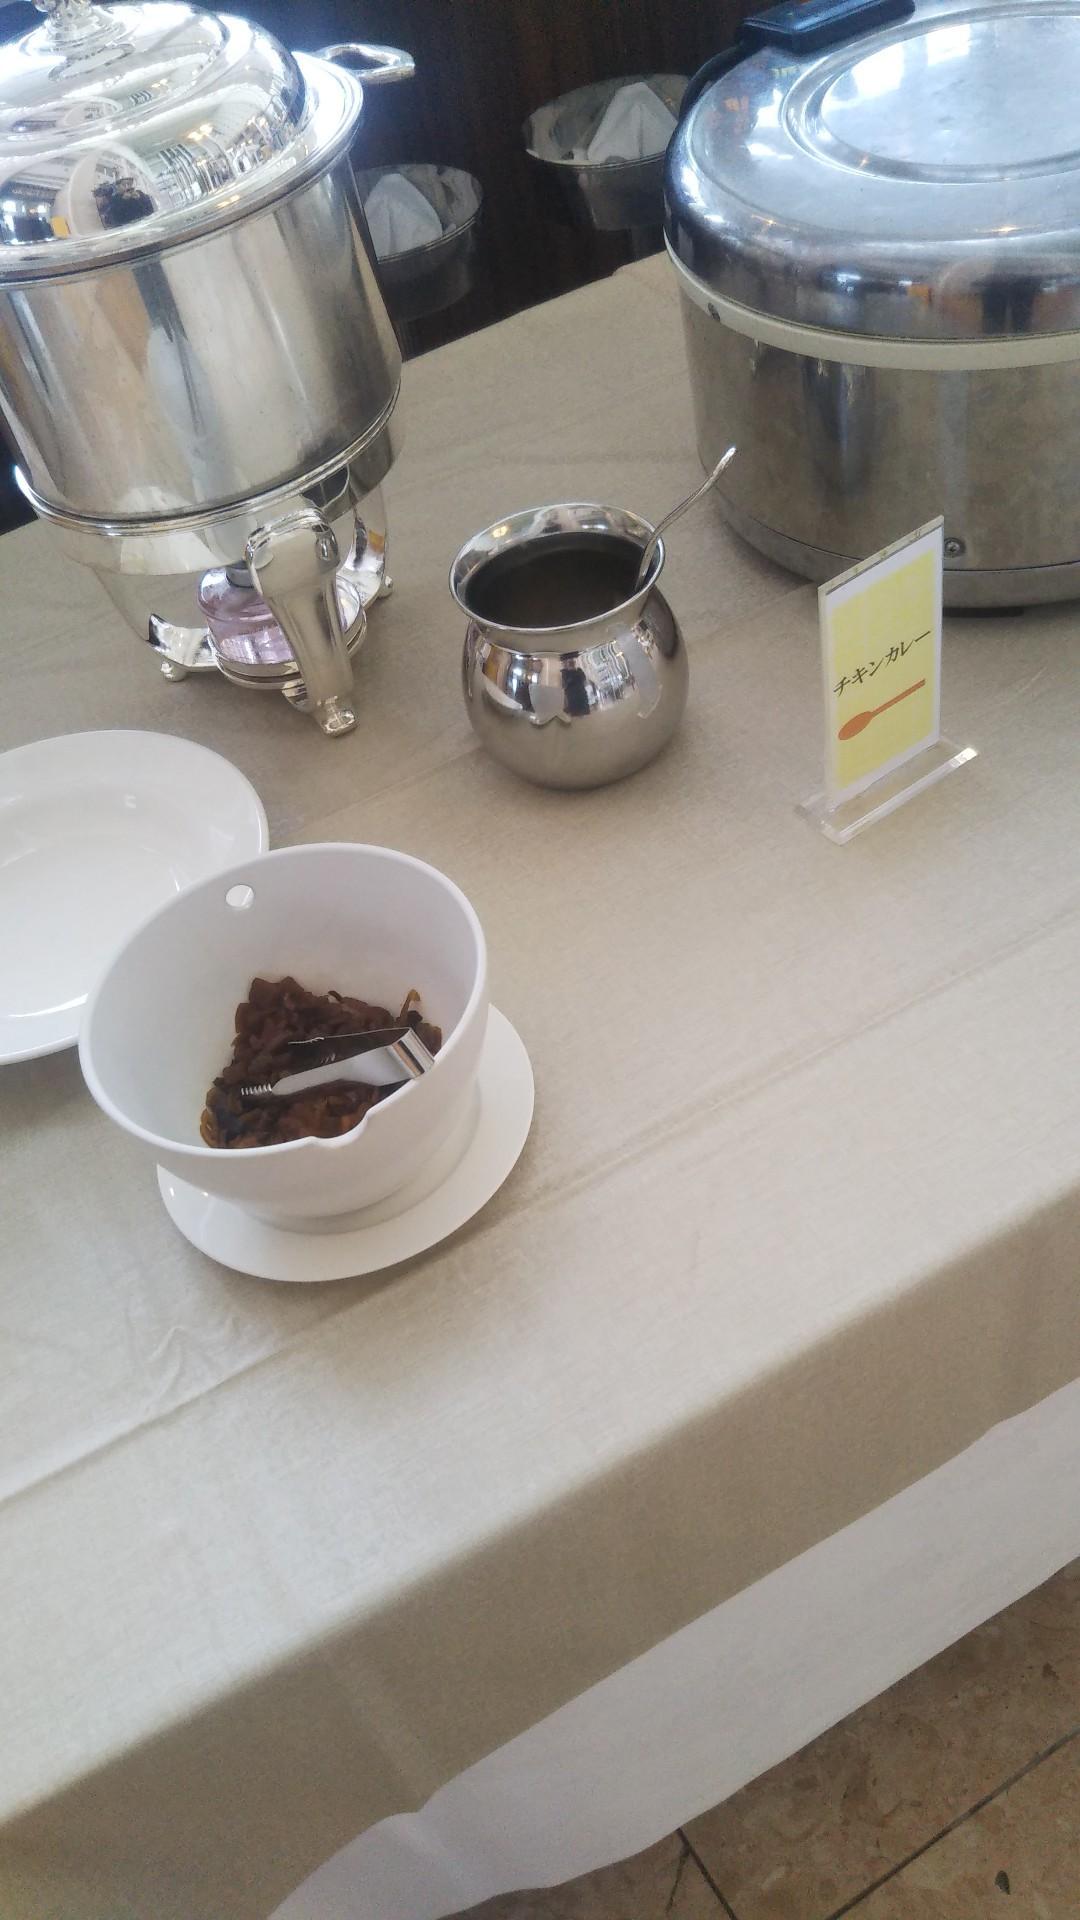 シャトレーゼ ガトーキングダムサッポロ ヴィーニュ Dessert Buffet~夏のべジスイーツフェア~_f0076001_23433462.jpg